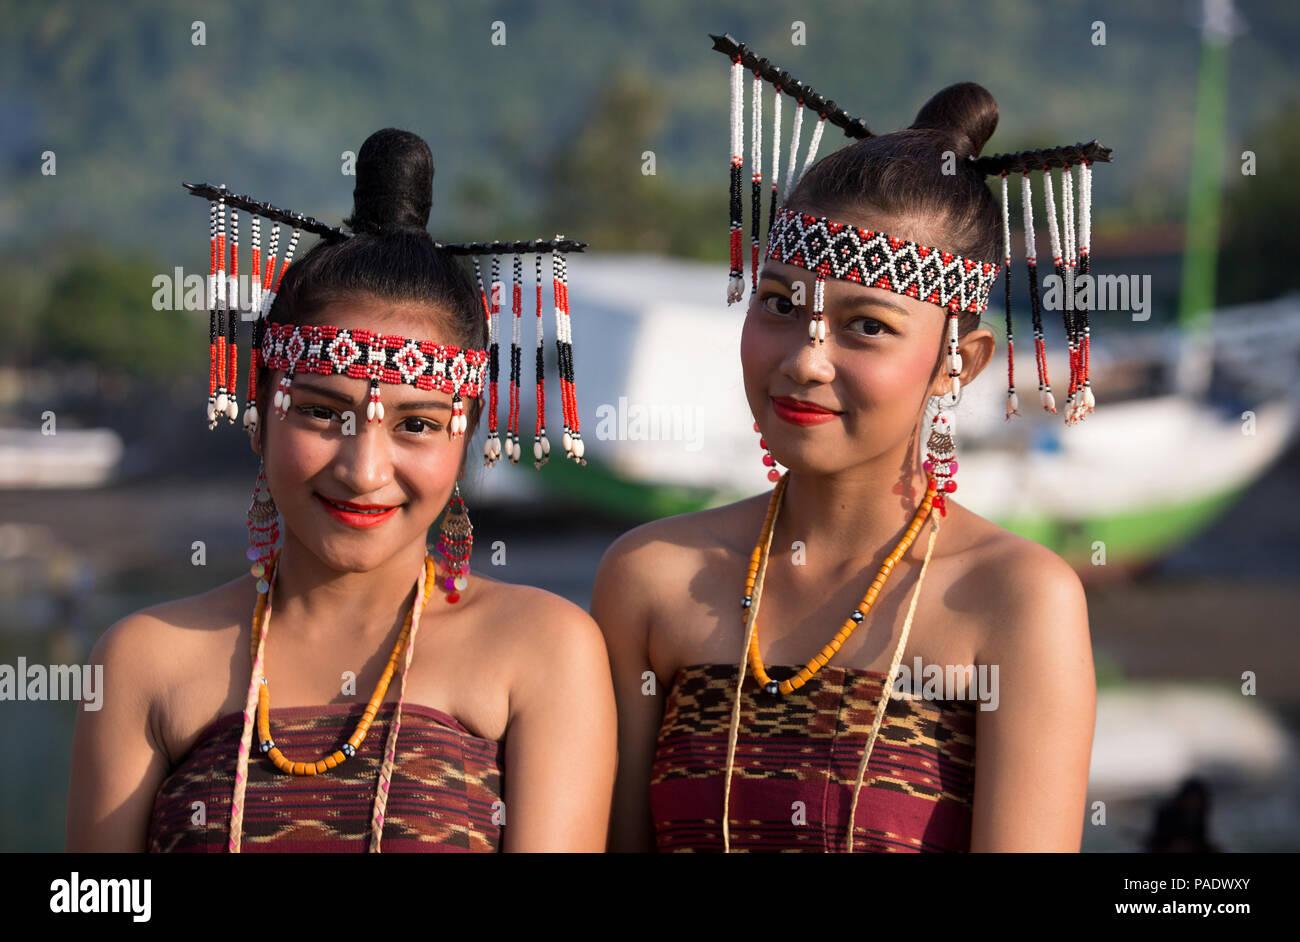 Zwei junge Frauen aus Kalabahi in traditioneller Tracht Stockbild